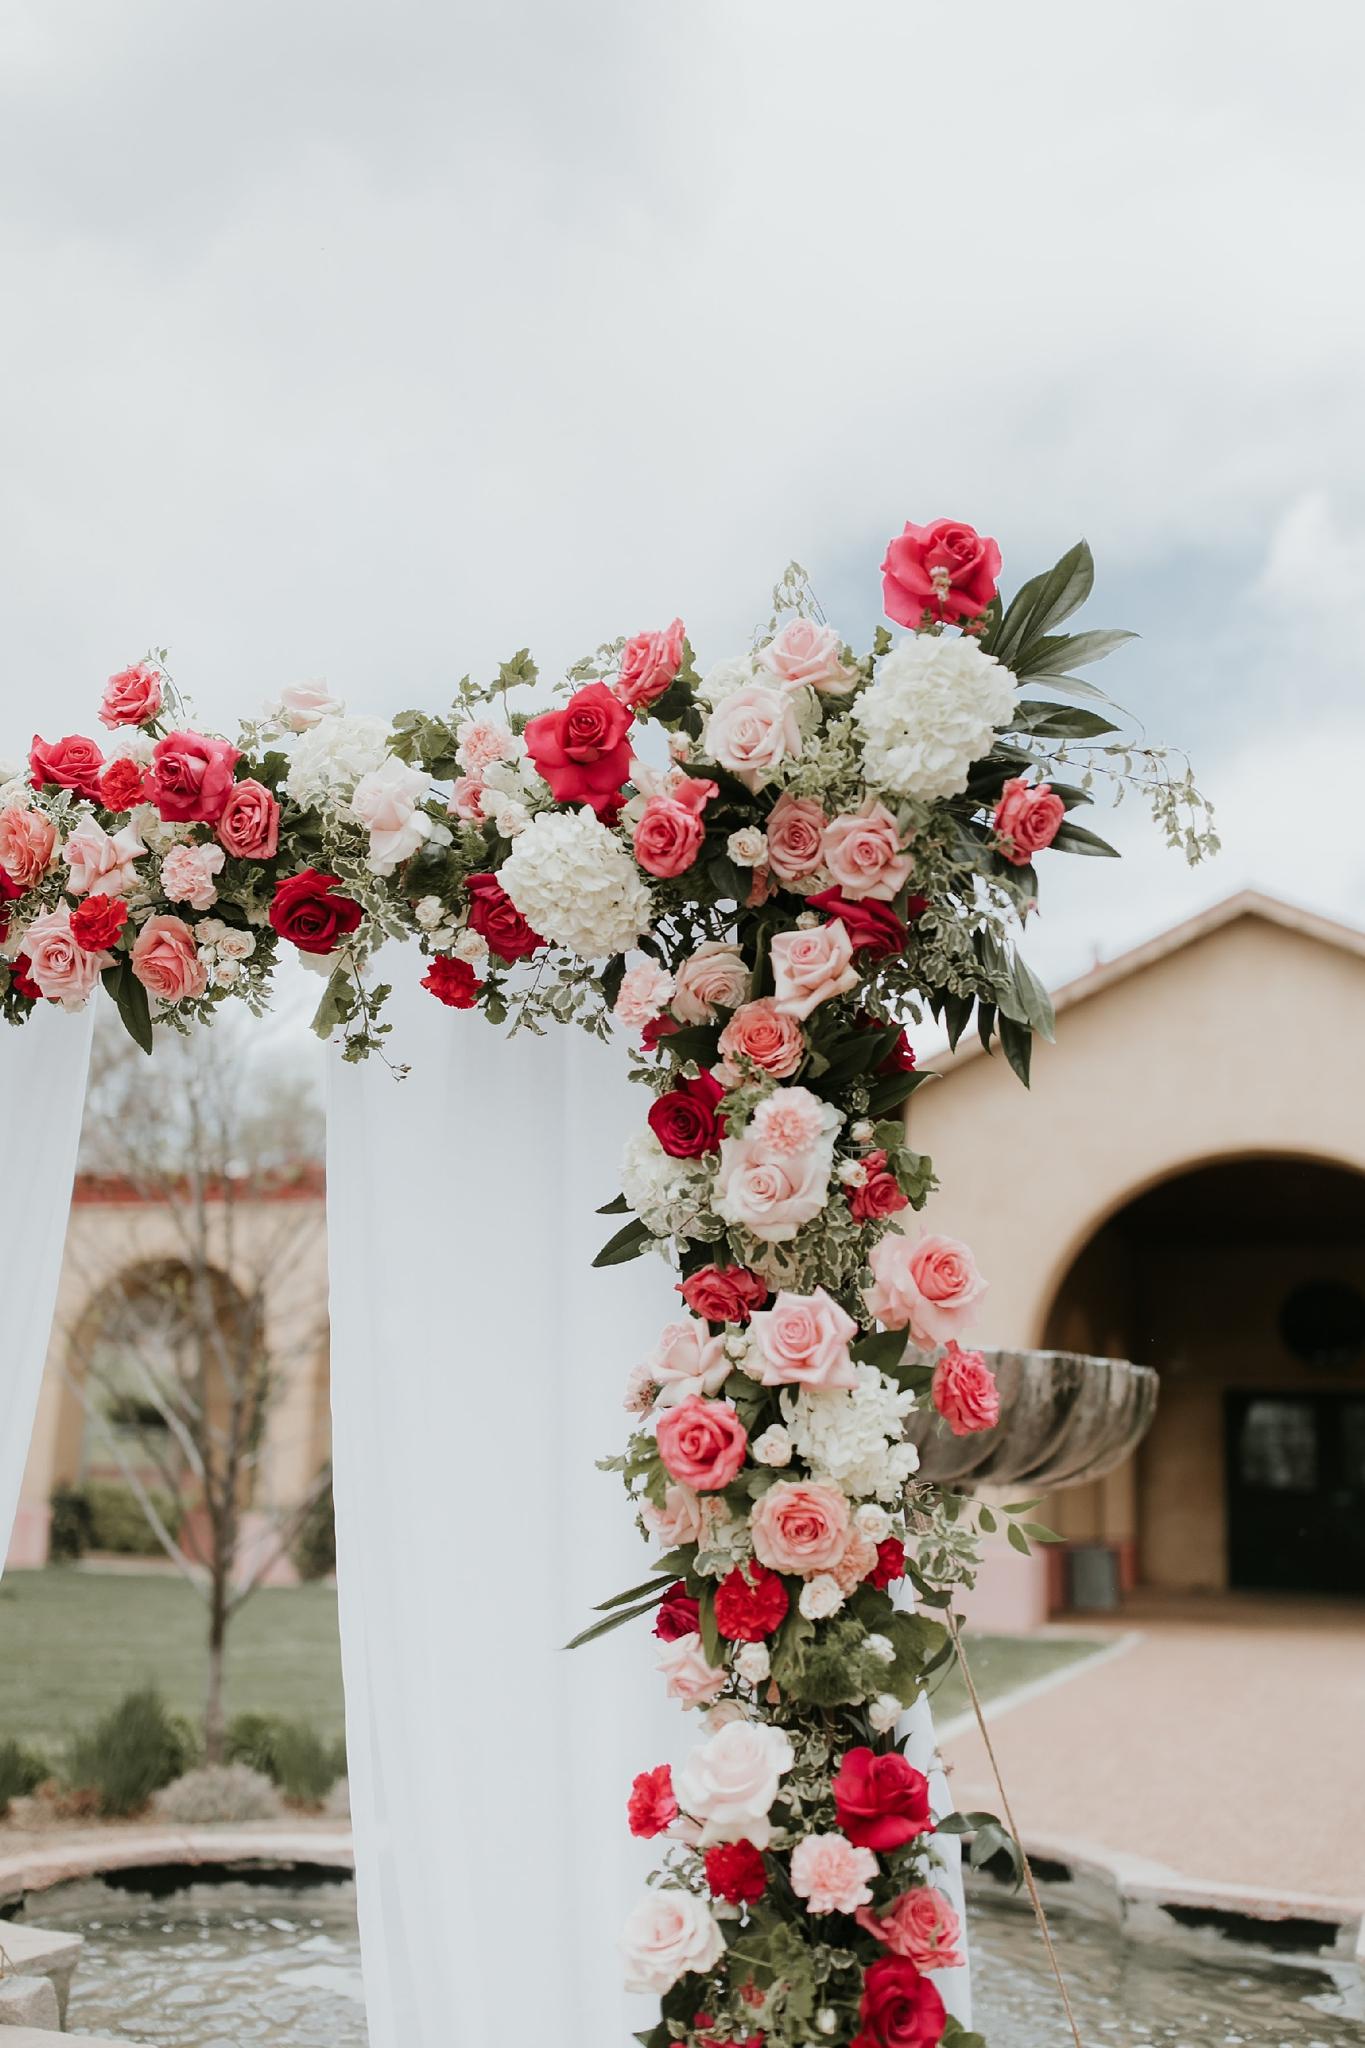 Alicia+lucia+photography+-+albuquerque+wedding+photographer+-+santa+fe+wedding+photography+-+new+mexico+wedding+photographer+-+wedding+ceremony+-+wedding+alter+-+floral+alter_0062.jpg